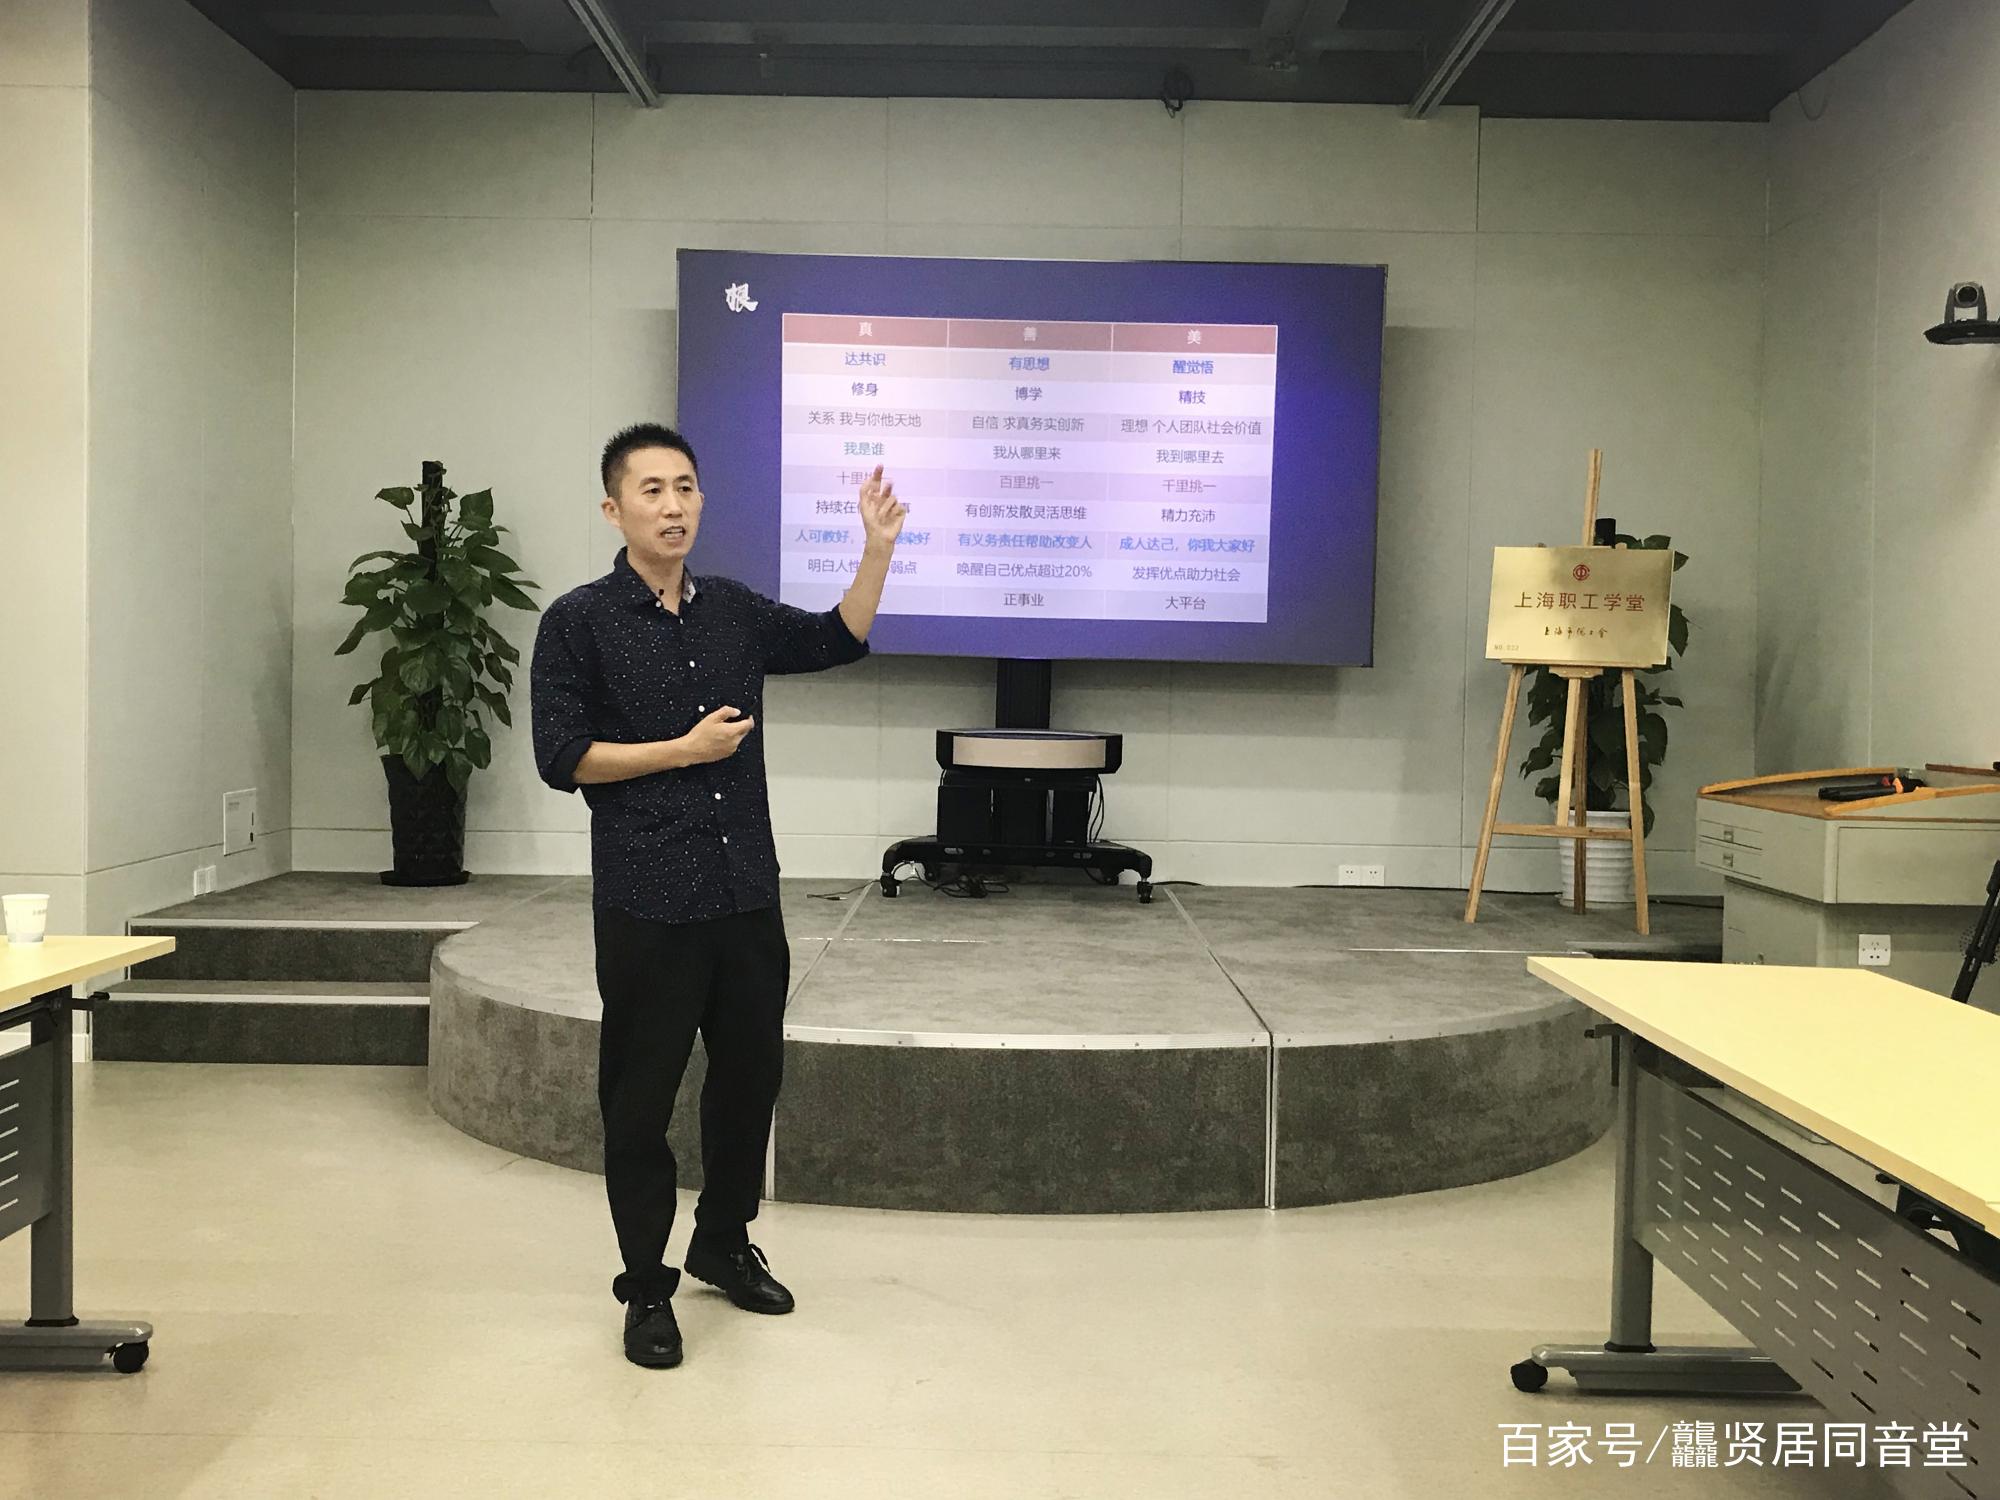 邵长华老师在上海职工学堂开讲《从心开始武道者》